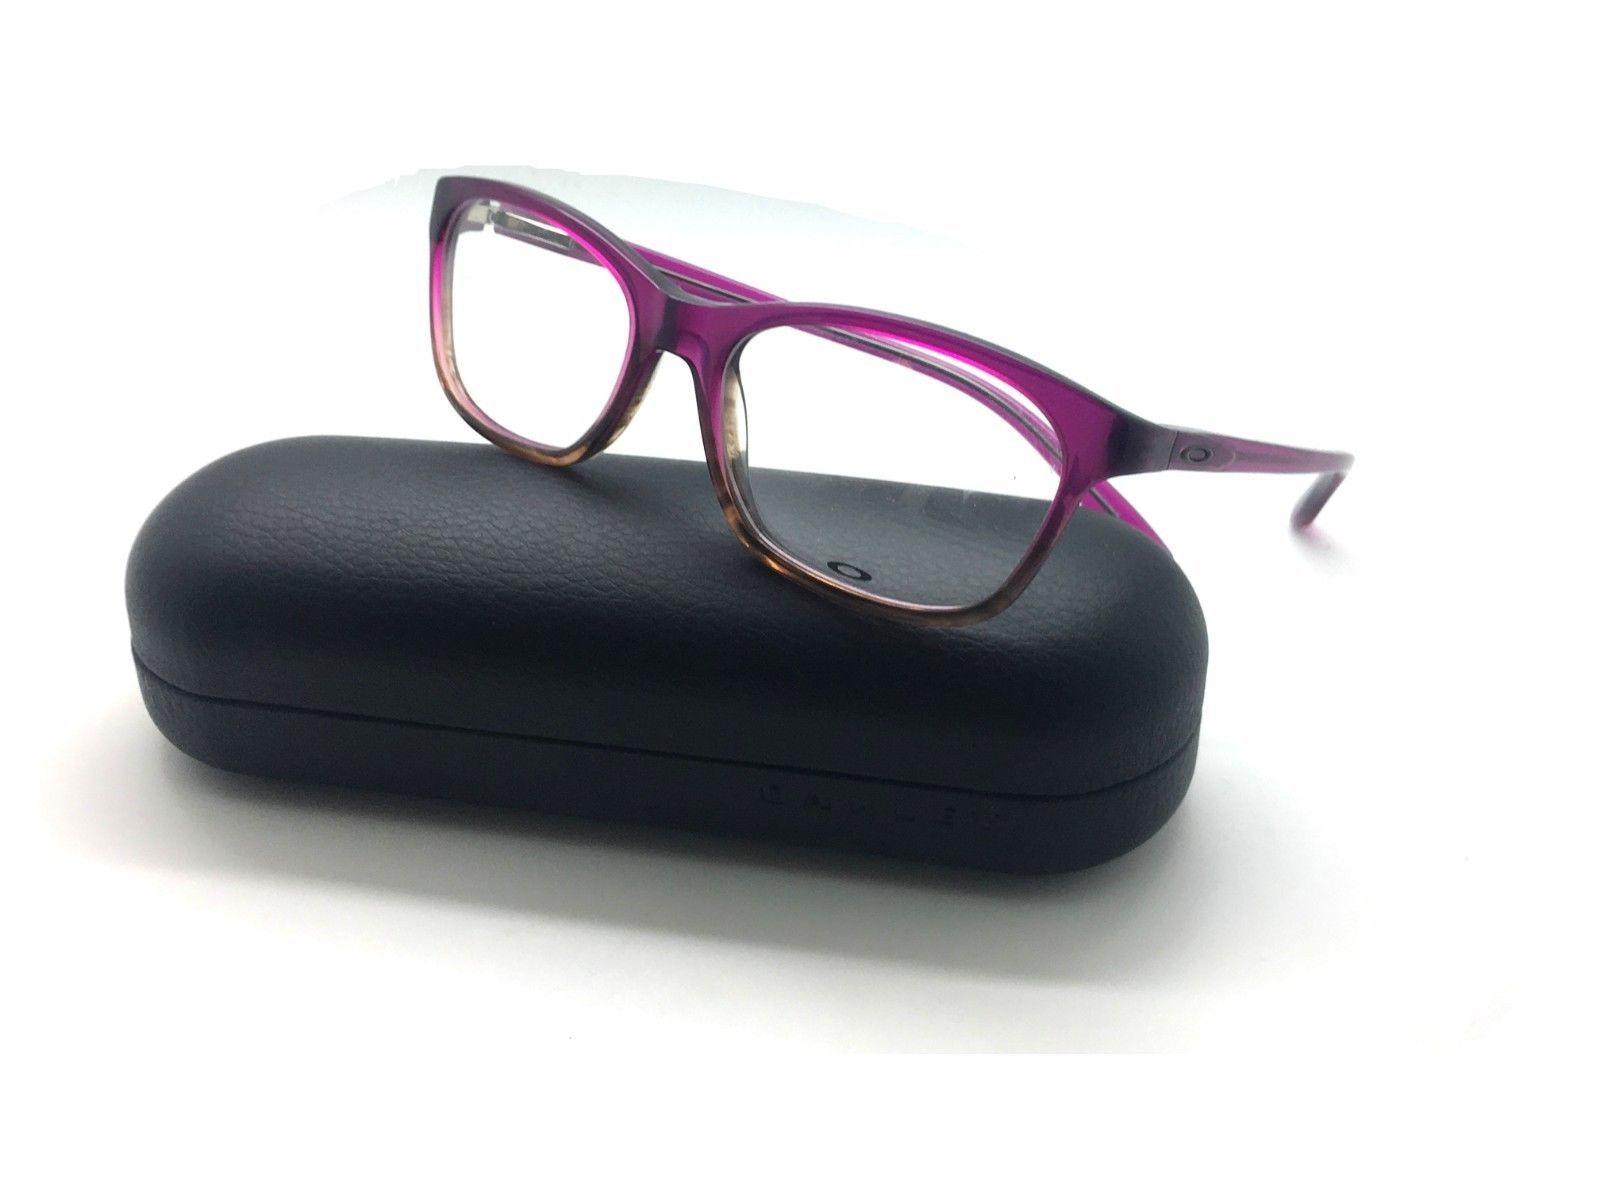 9d4c90858b Oakley Authentique Lunettes Ox 1091 0352 Taunt Violet Décolorant 52-16-130  Nwc